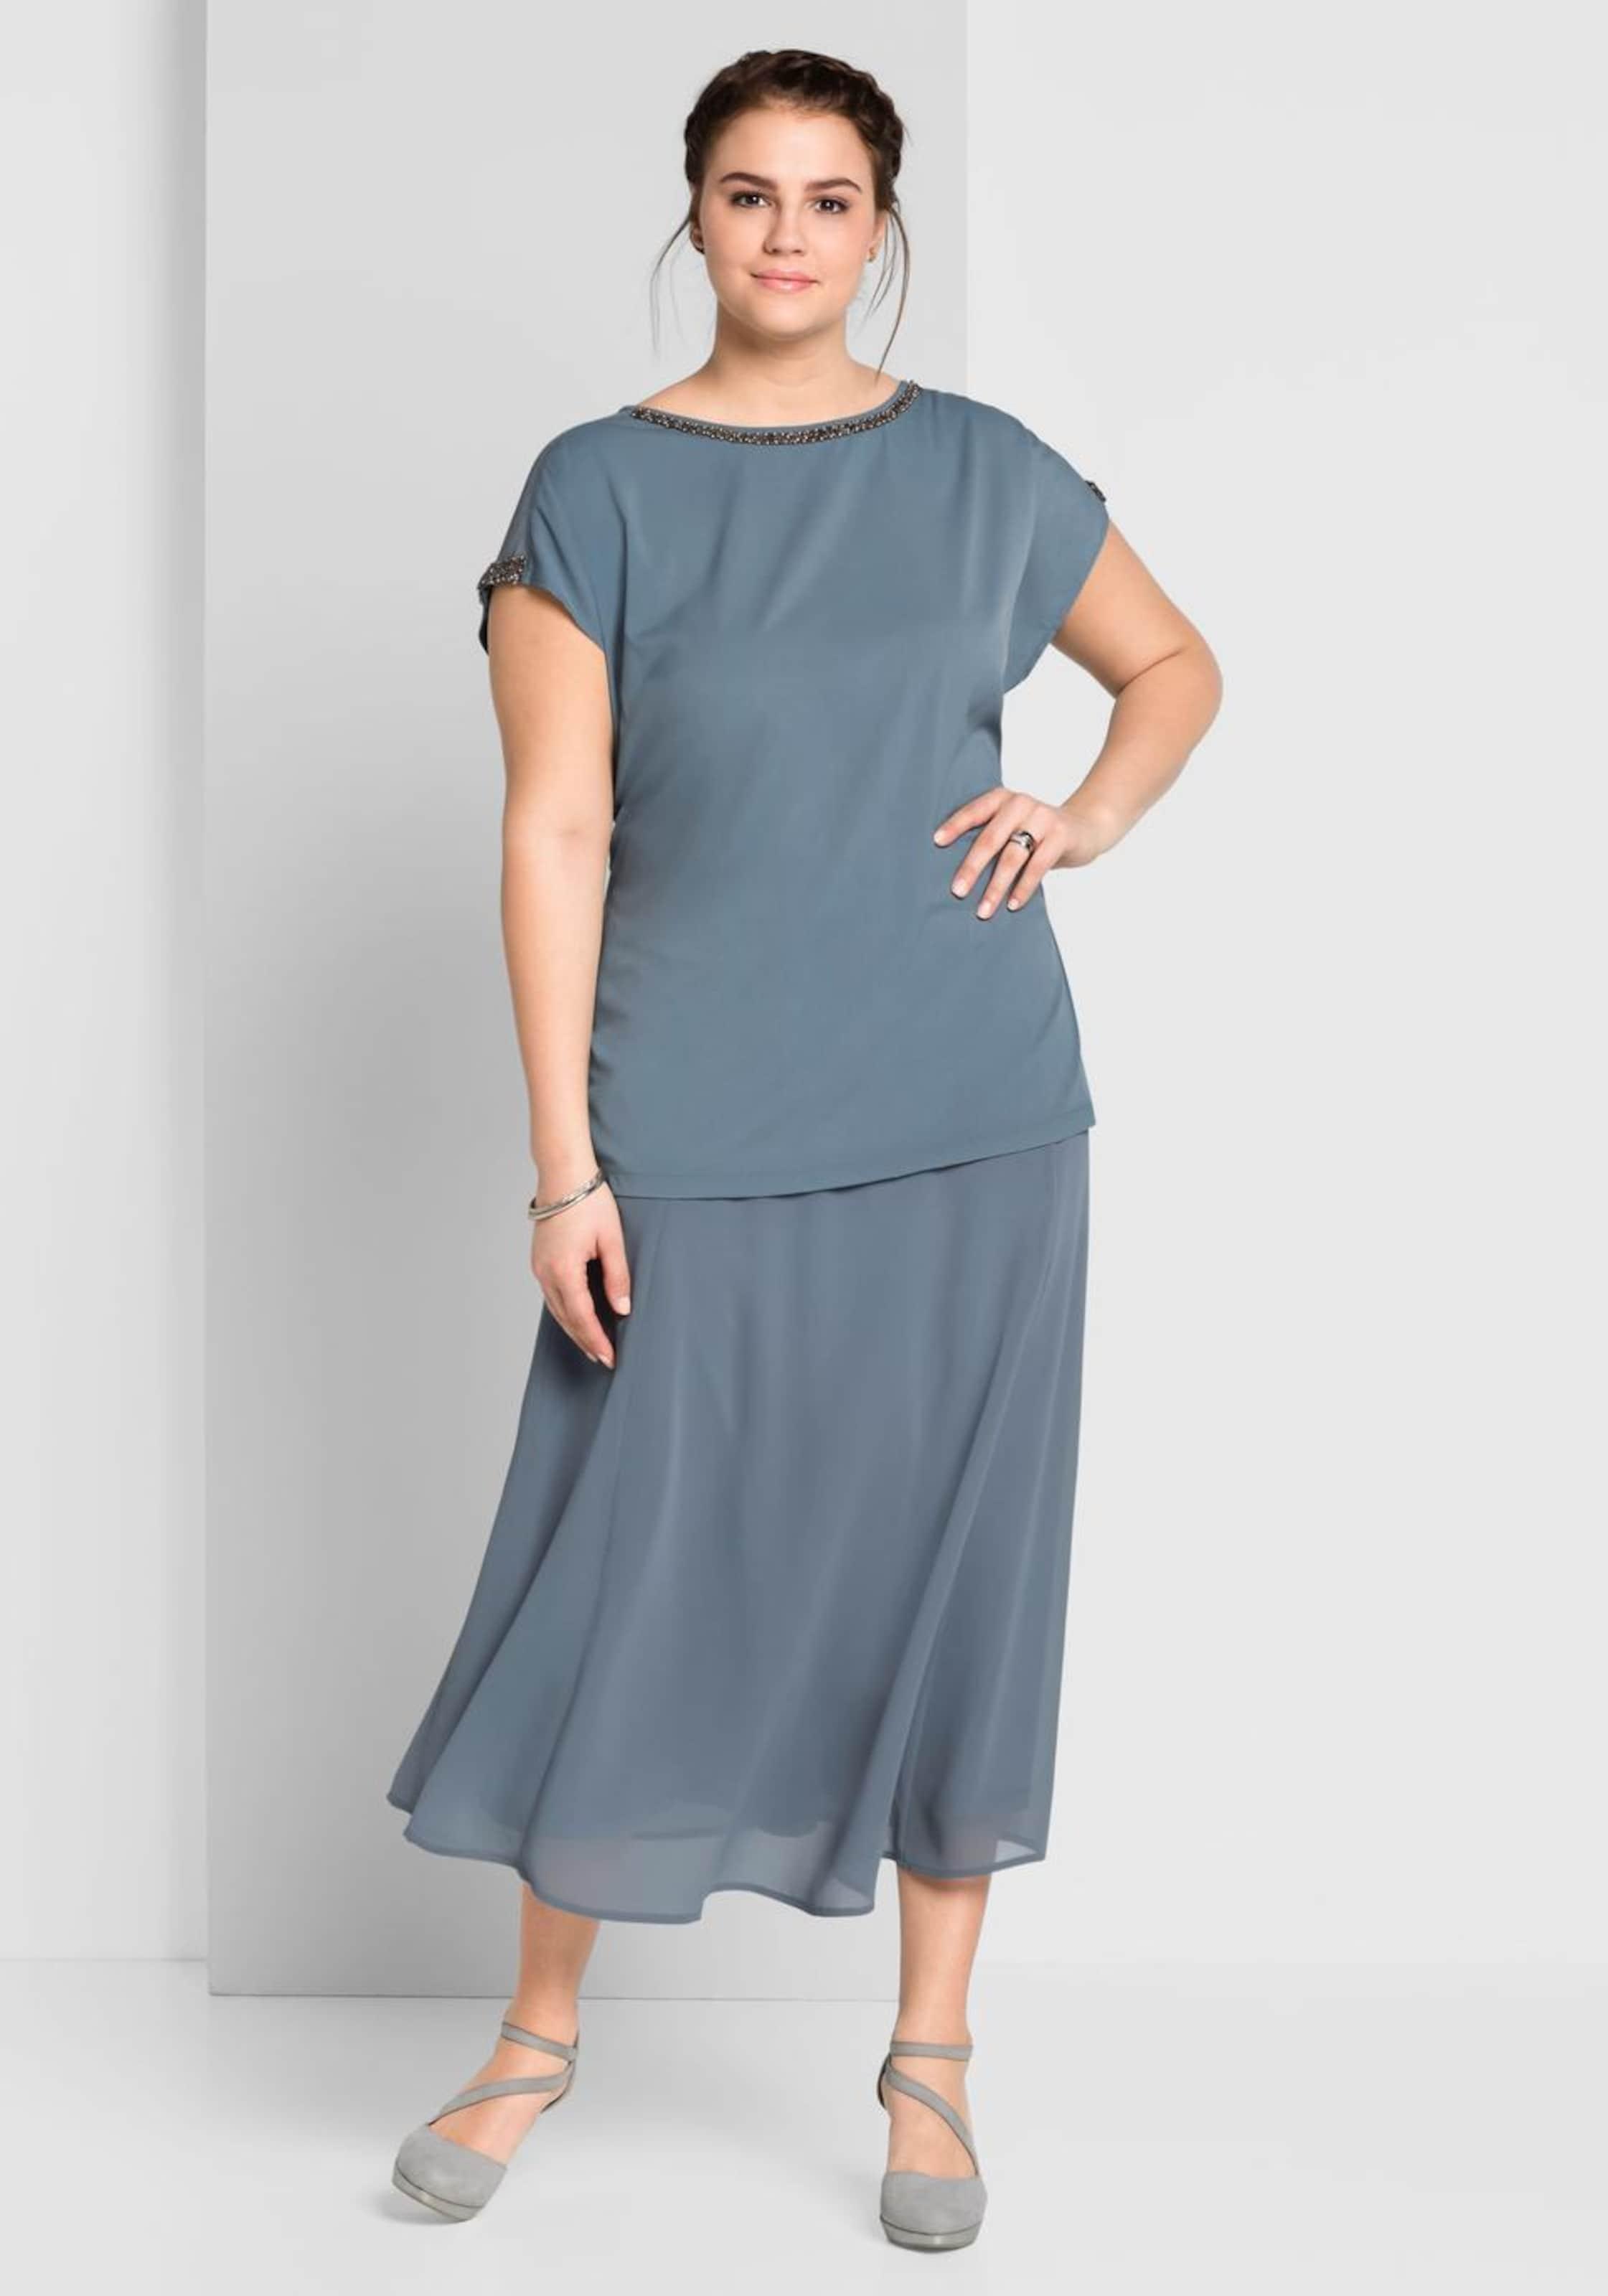 Style In Rauchblau Bluse Sheego Style Rauchblau Sheego In Bluse 2IEYWHD9